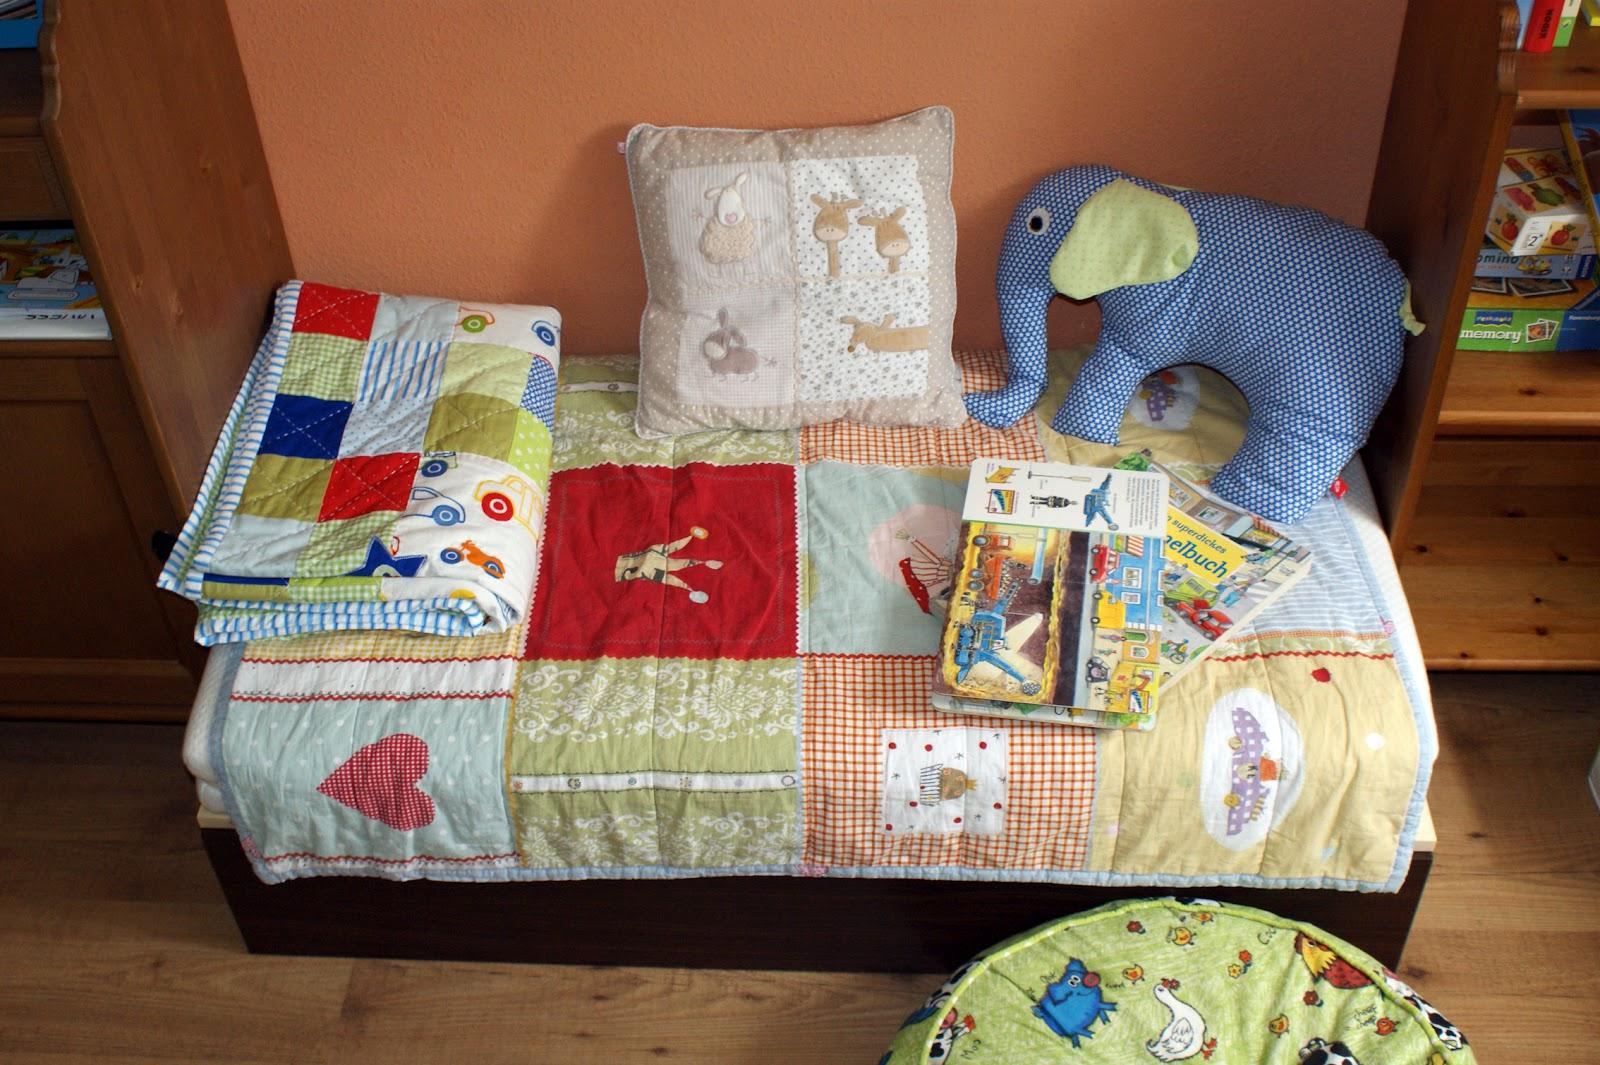 ollewetter: leseecke im kinderzimmer - Leseecke Im Kinderzimmer Gestalten